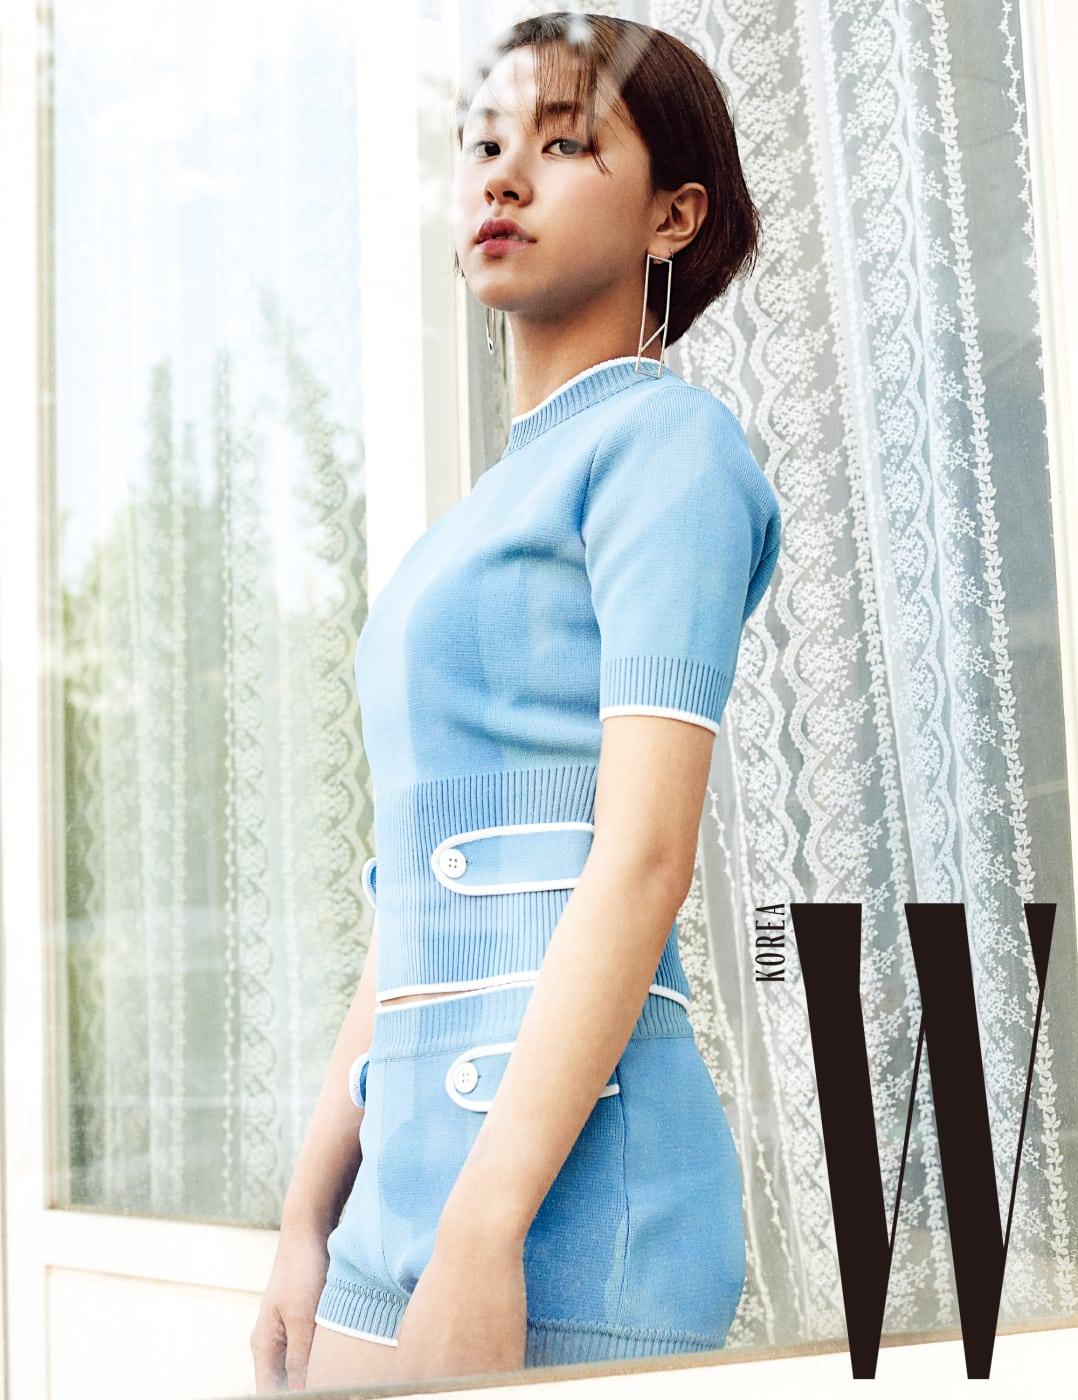 채영이 입은 레트로풍의 하늘색 니트 톱과 니트 쇼츠는 Miu Miu, 이어링은 Nineteentwo 제품.